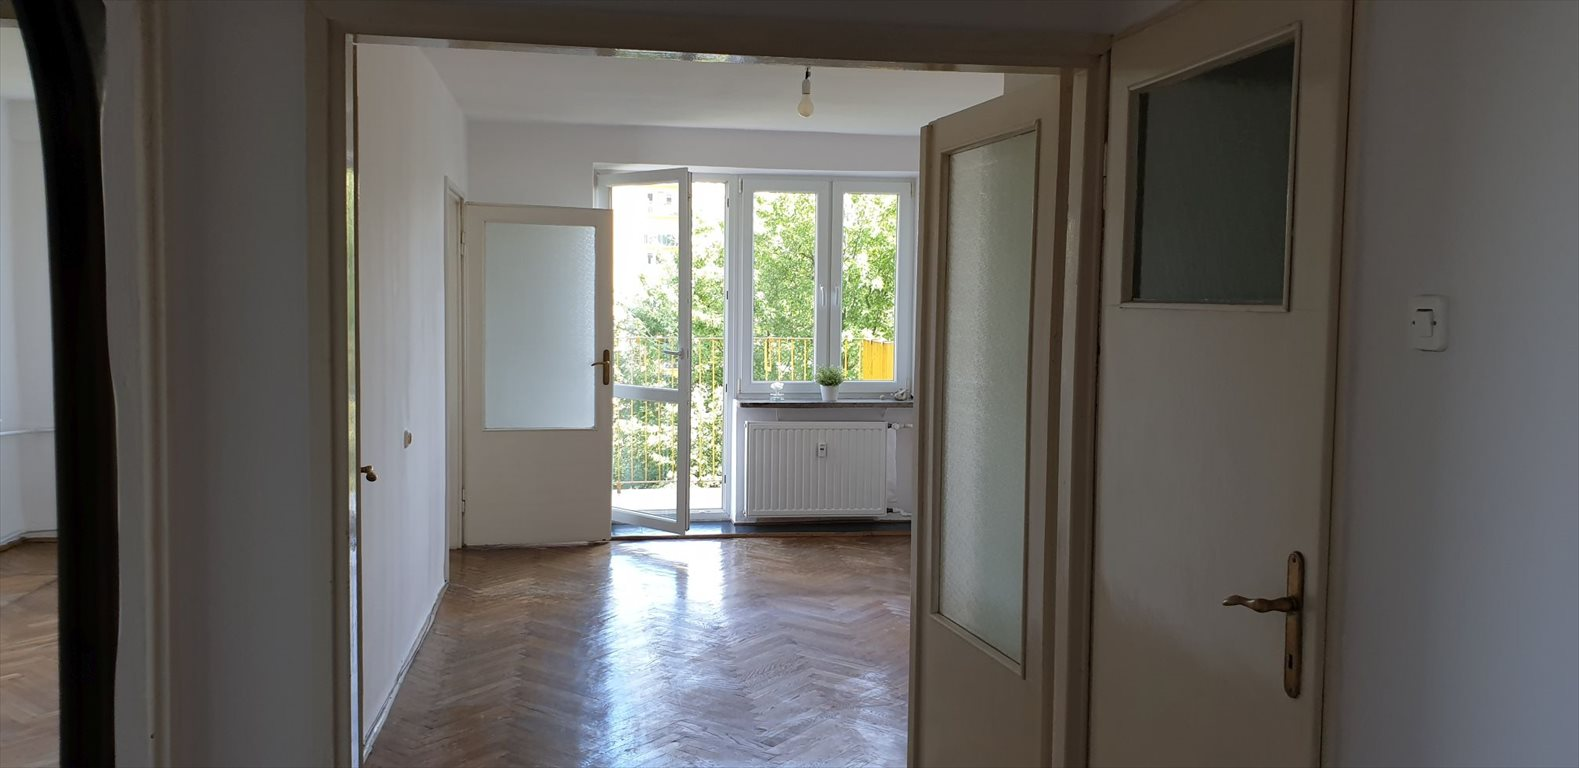 Mieszkanie trzypokojowe na sprzedaż Warszawa, Praga-Południe, Grochów, Garwolińska  48m2 Foto 1